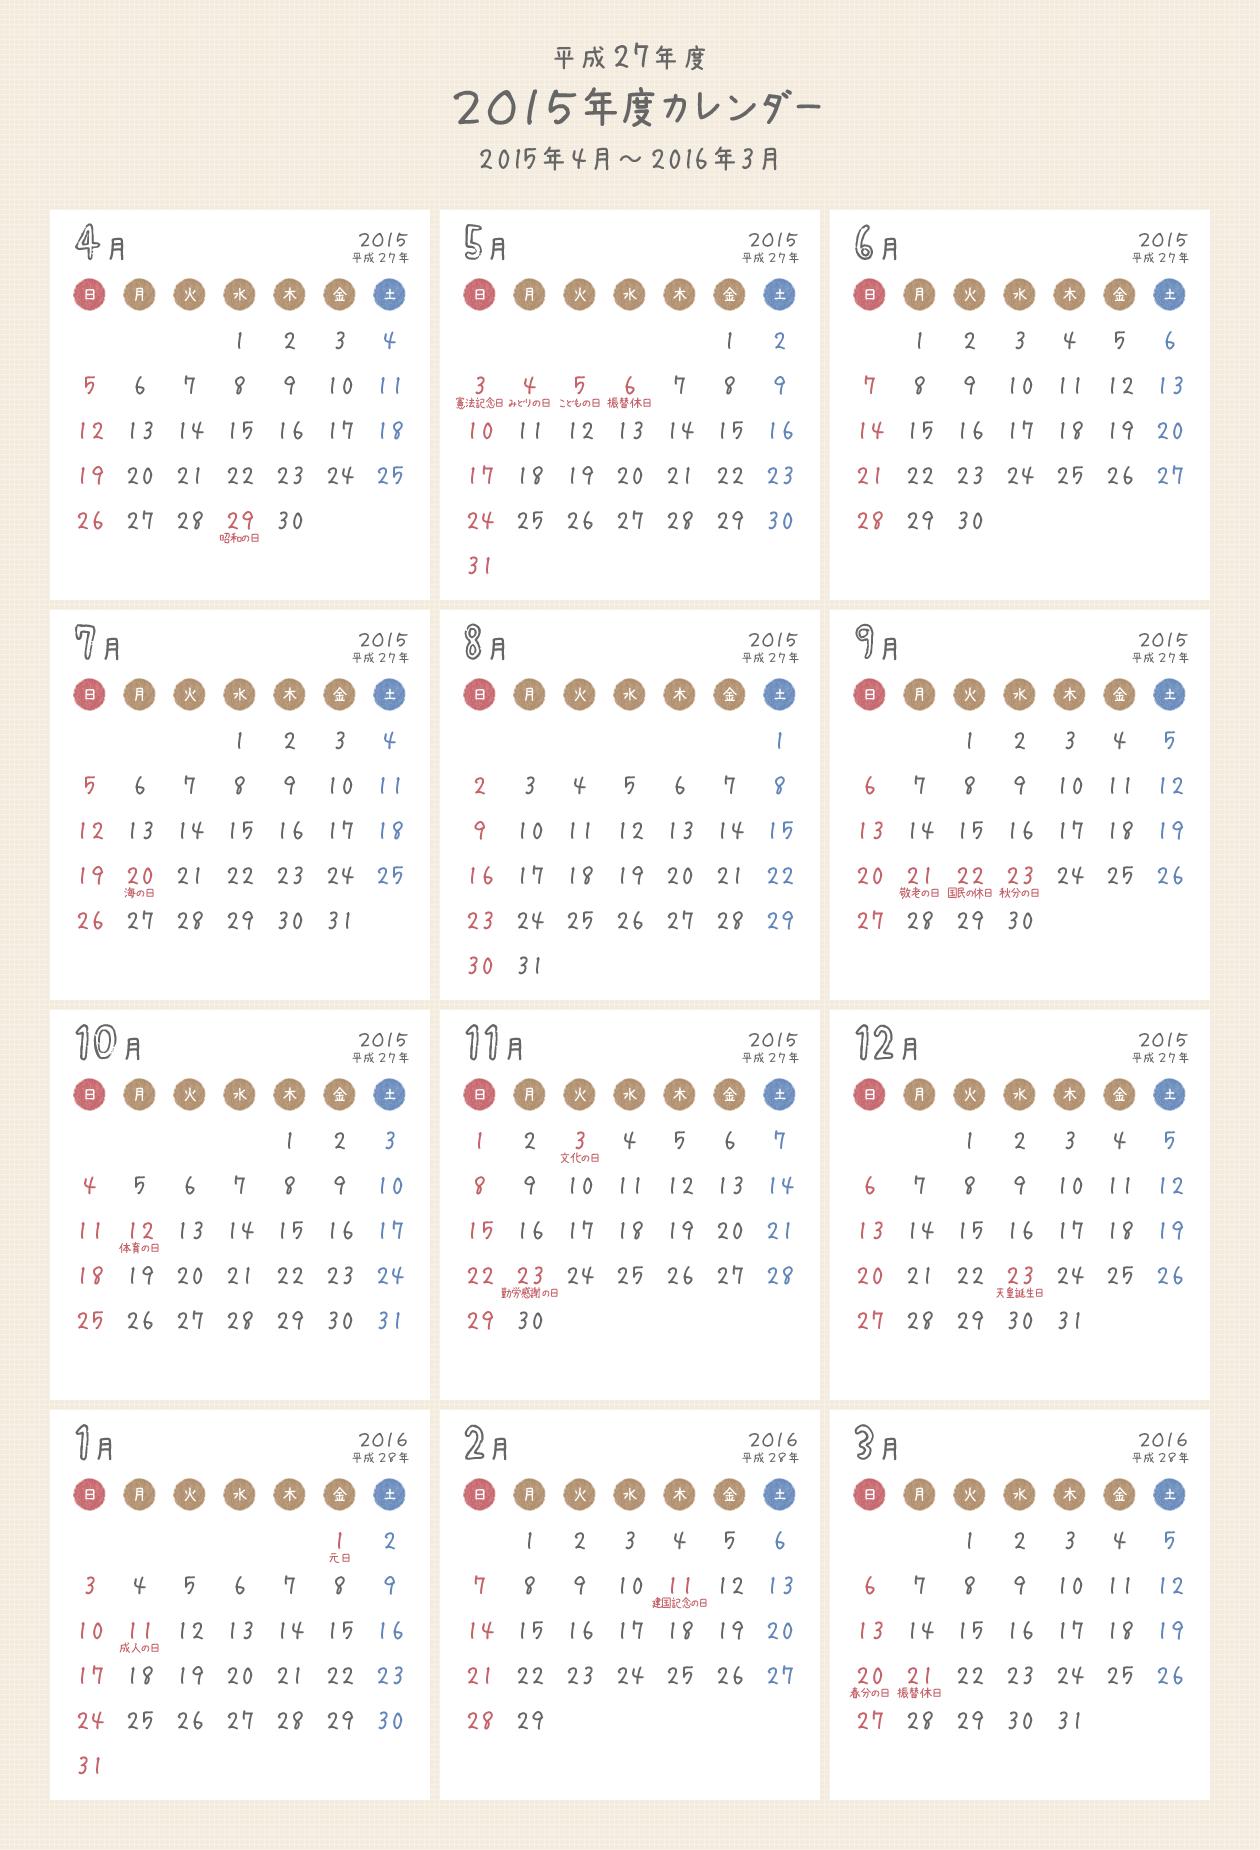 手書き風かわいいpdf年間カレンダー2015年度(平成27年度)<4月始まり